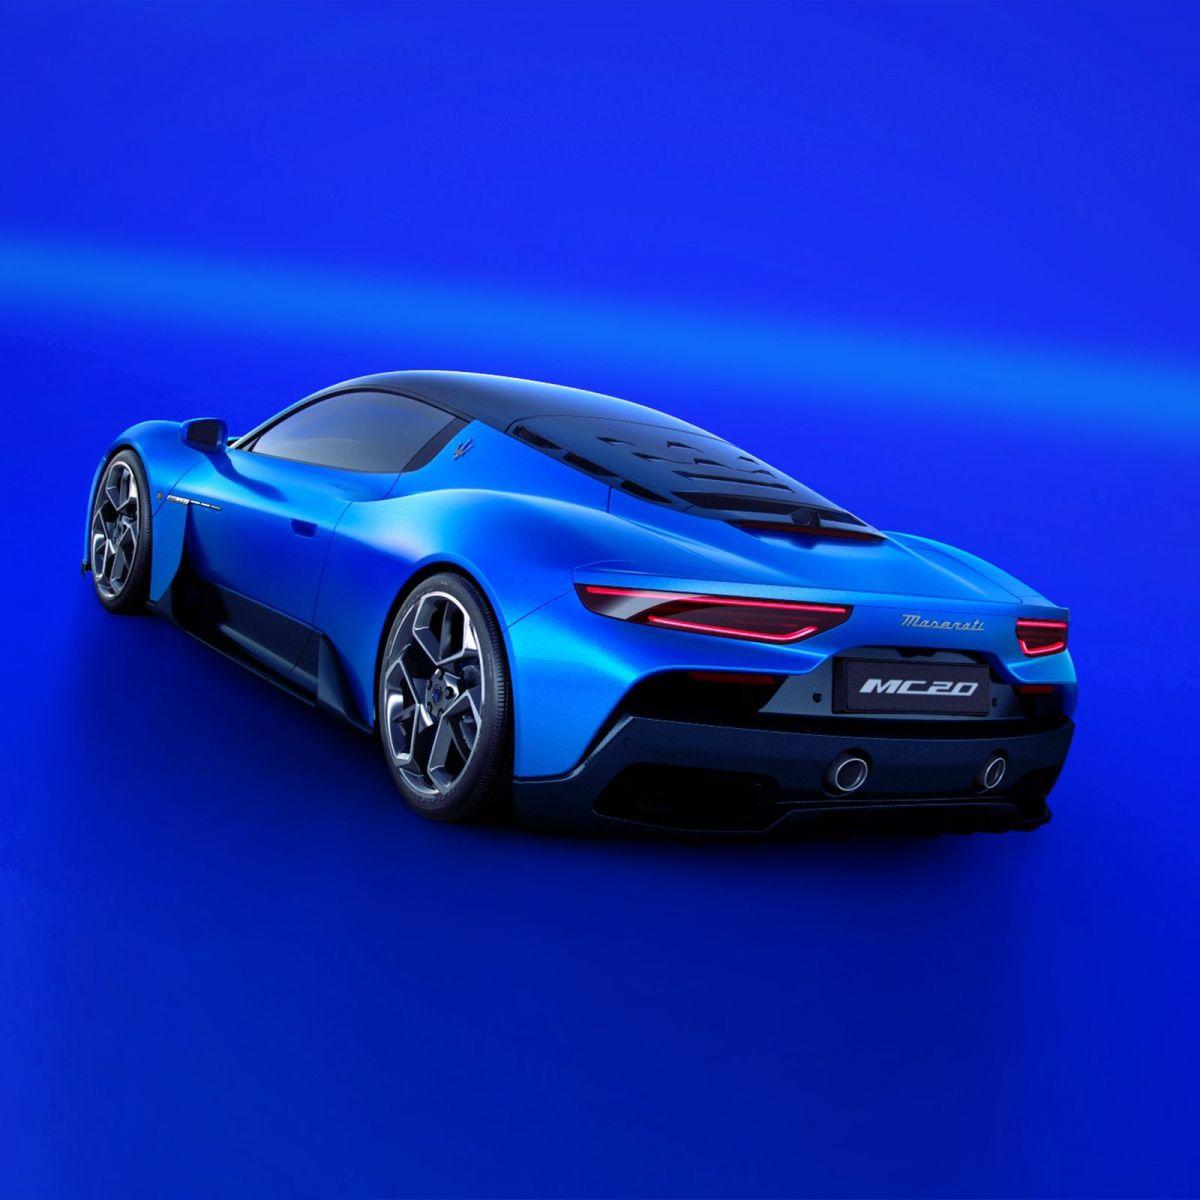 MaseratiMC20_2021_61